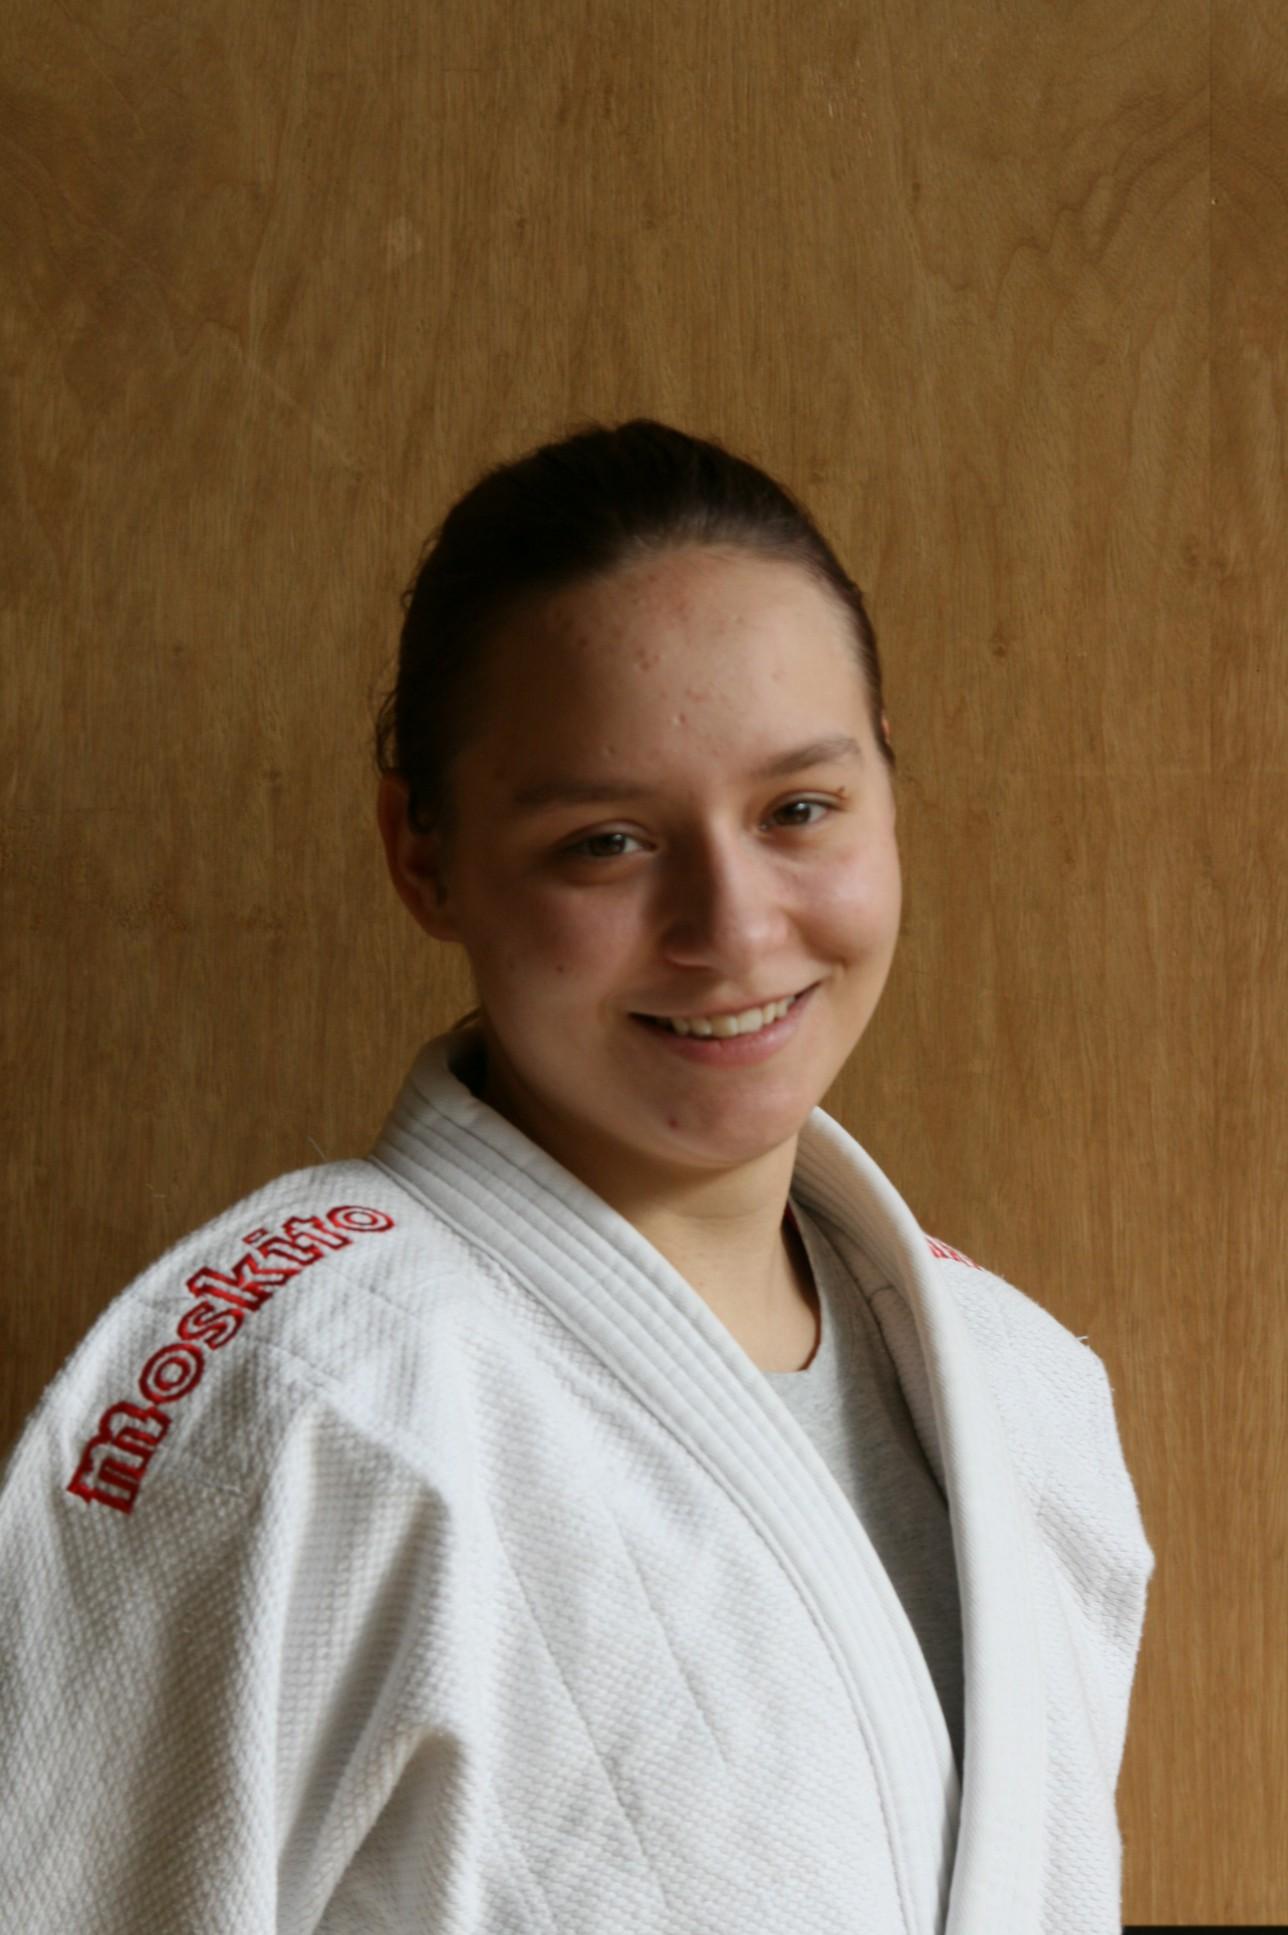 Annika Jäckel